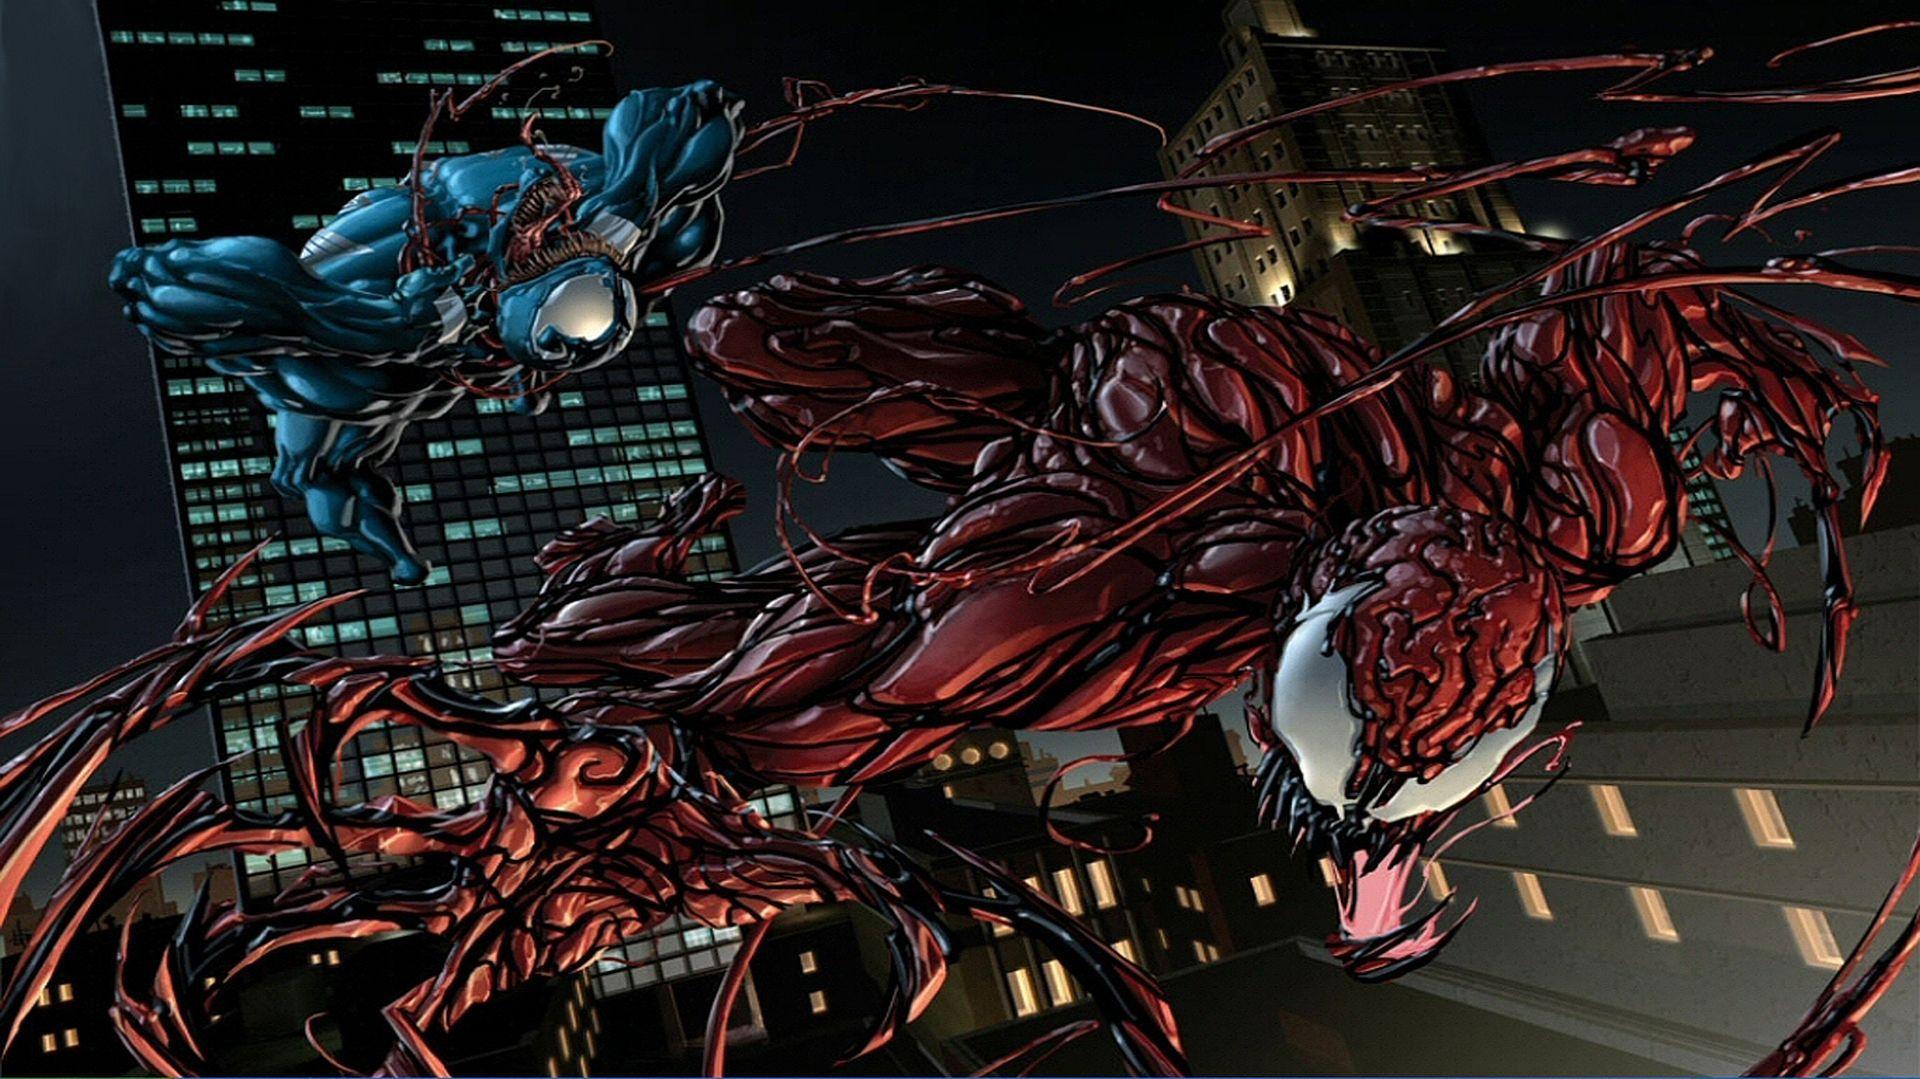 Venom Vs Carnage Wallpapers Top Free Venom Vs Carnage